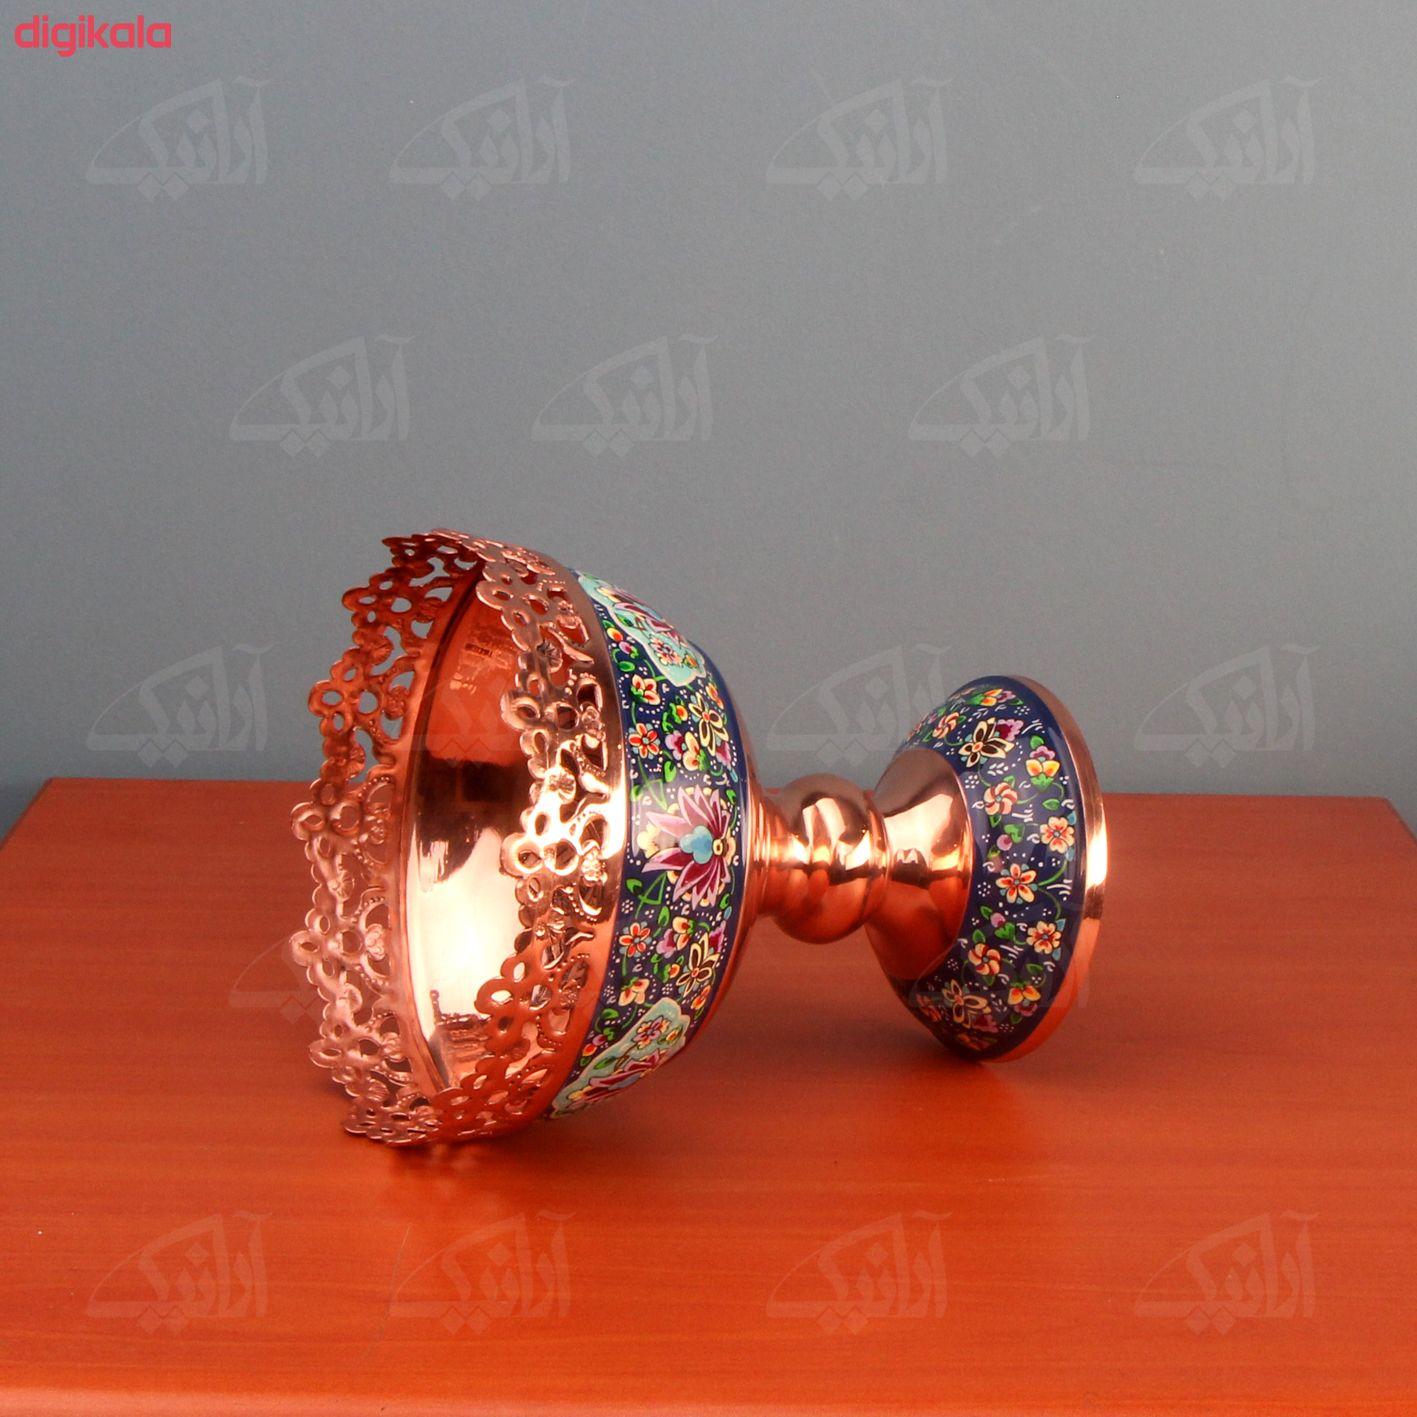 کاسه پایه دار مس و پرداز رنگ سورمه ای طرح مشبک و قلمزنی مدل 1003900013 main 1 1